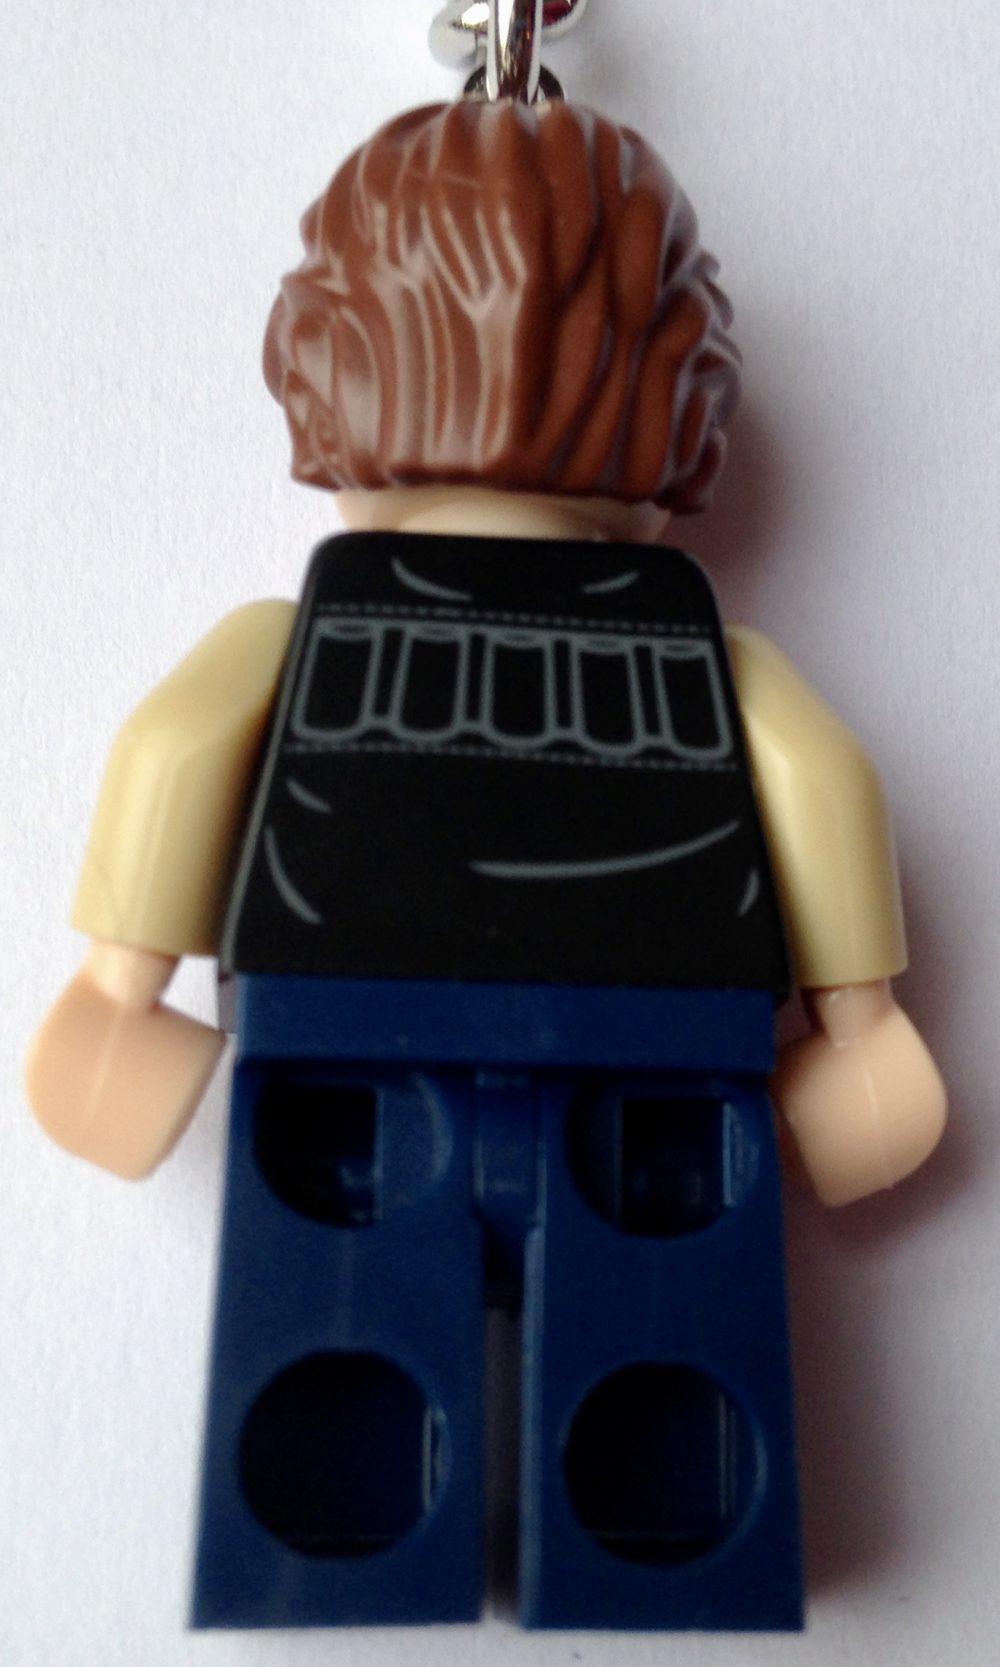 LEGO Star Wars 853769 Han Solo